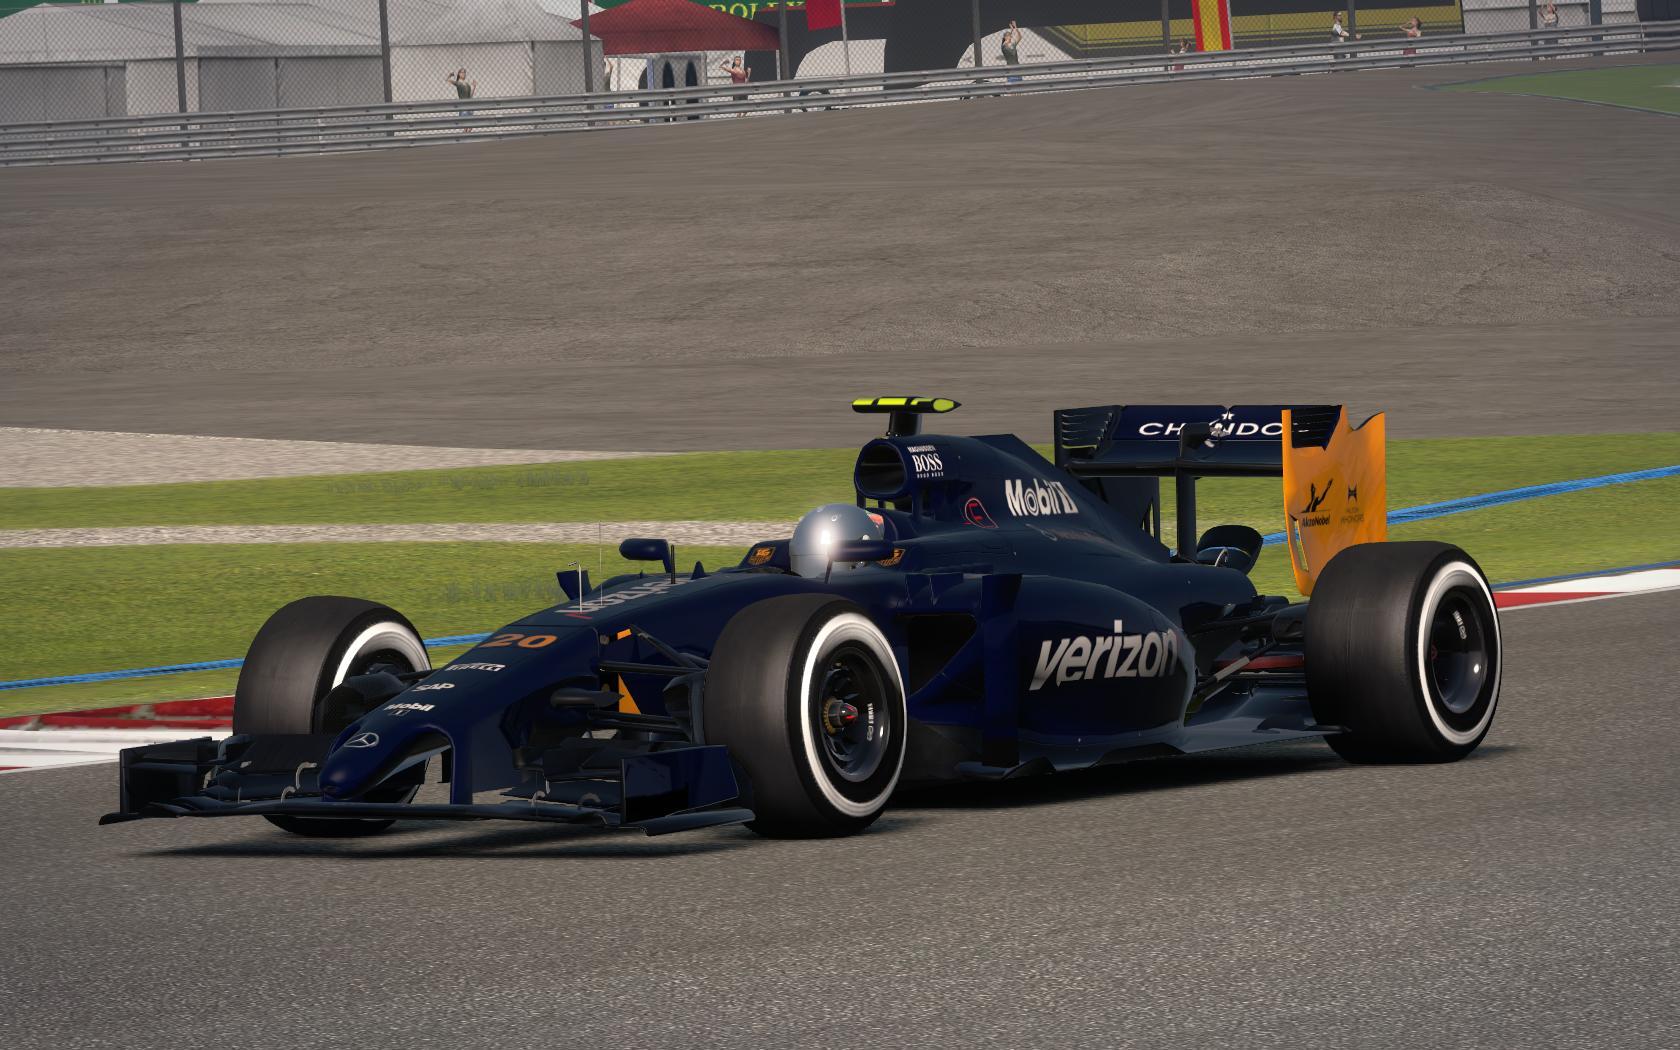 F1_2014 2016-04-16 14-15-27-90.jpg